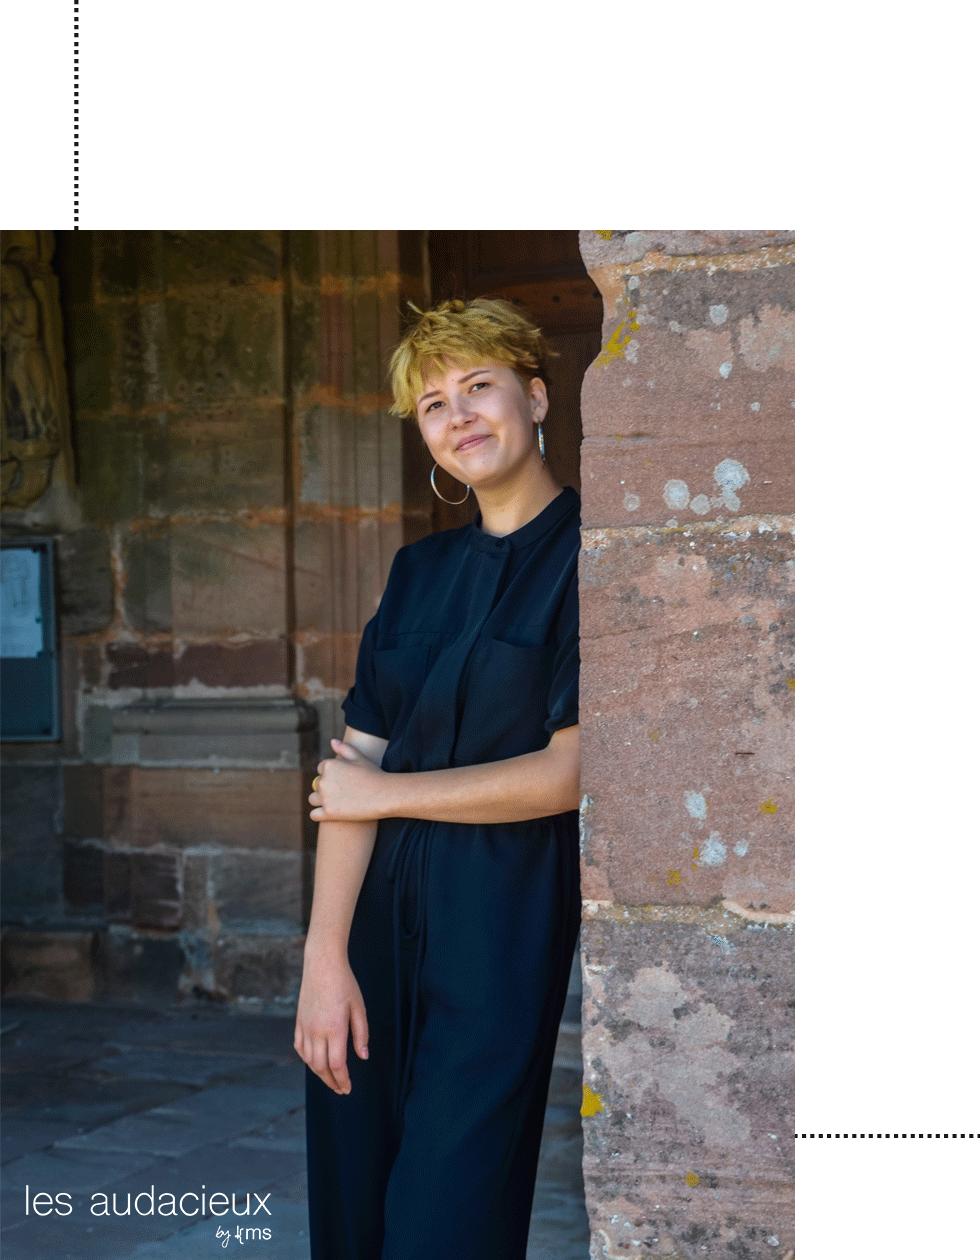 Jeanne Mentrel - photo kms communication #lesaudacieux